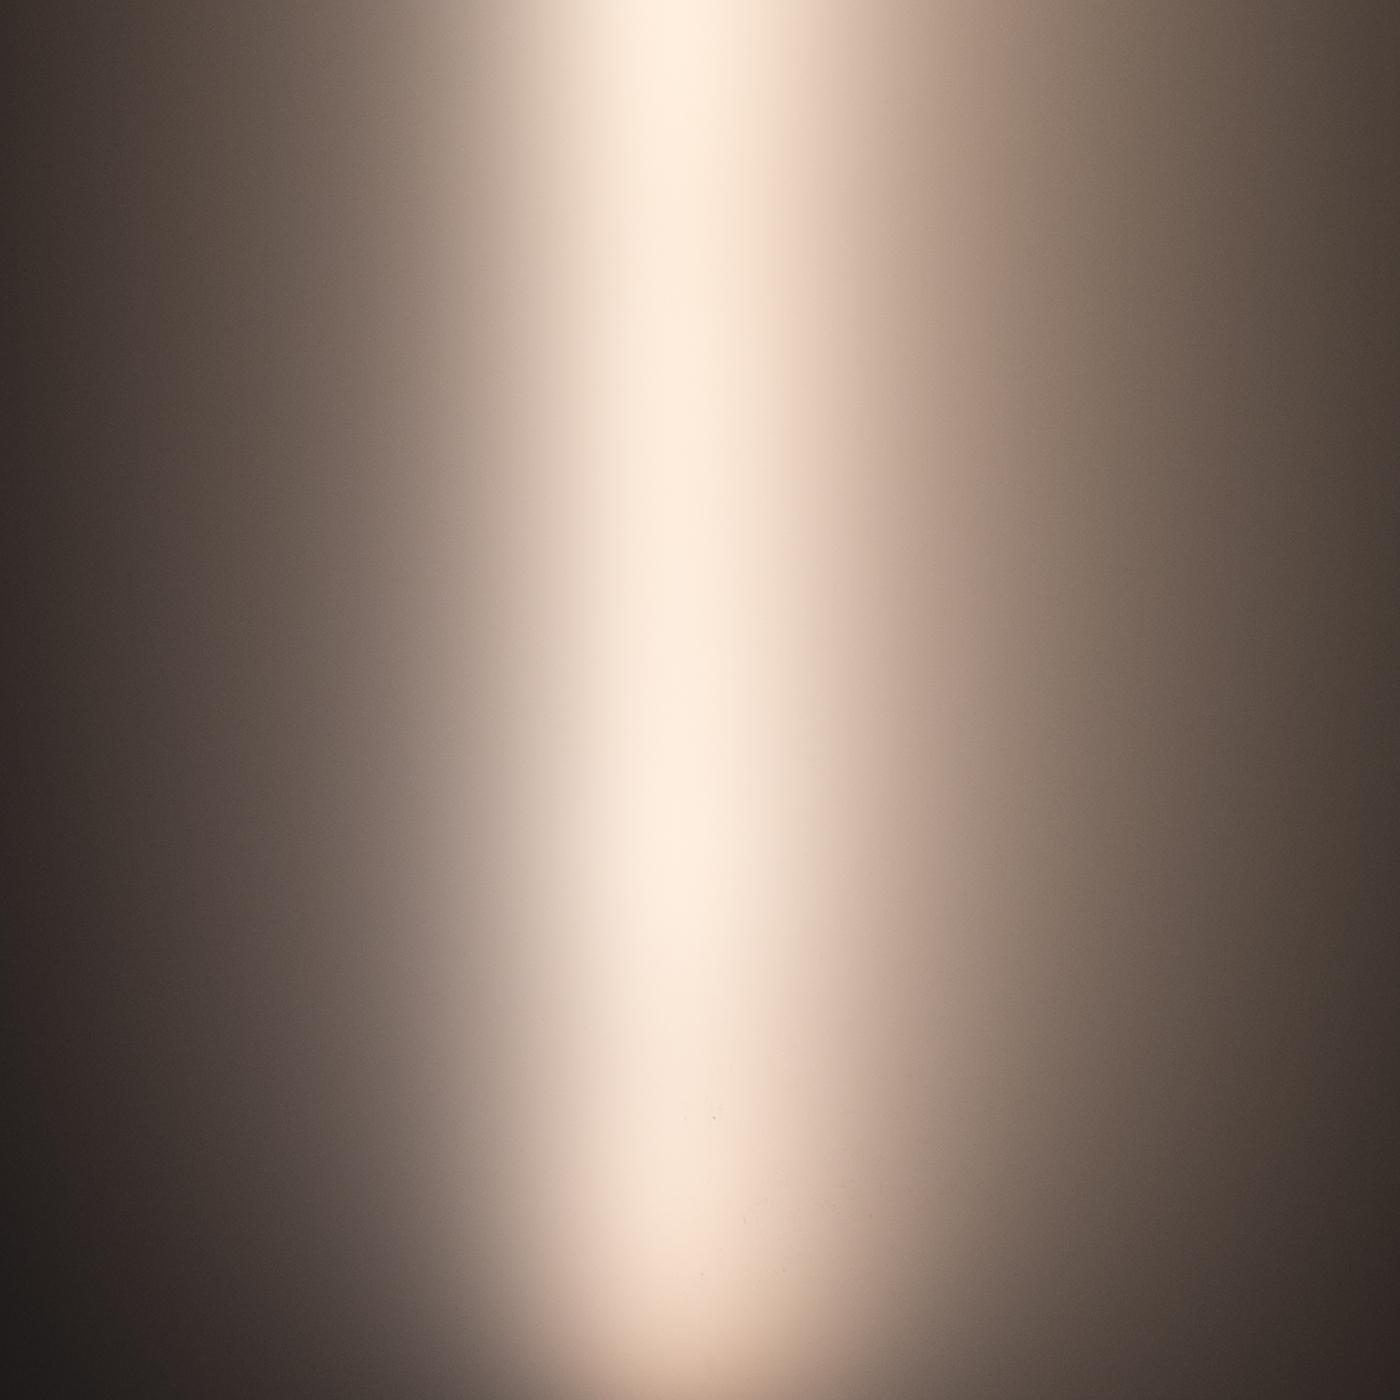 Luma Light Series